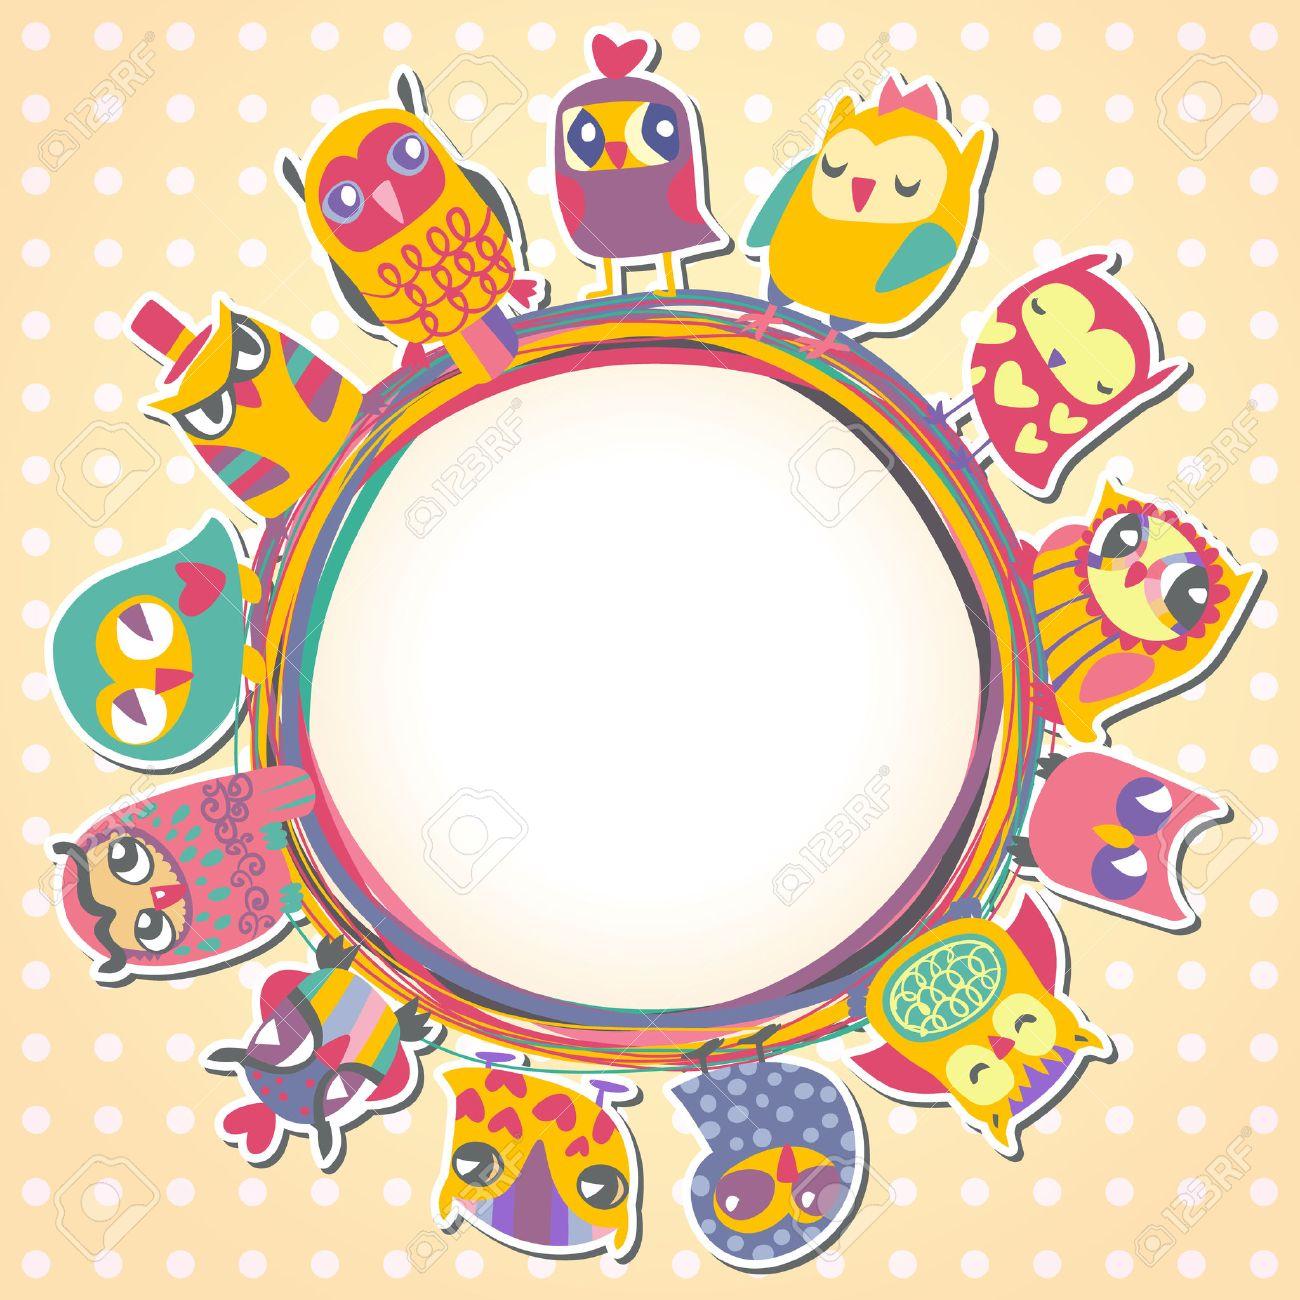 Childrens Fondo Con Los Búhos Multicolores De Dibujos Animados Para ...